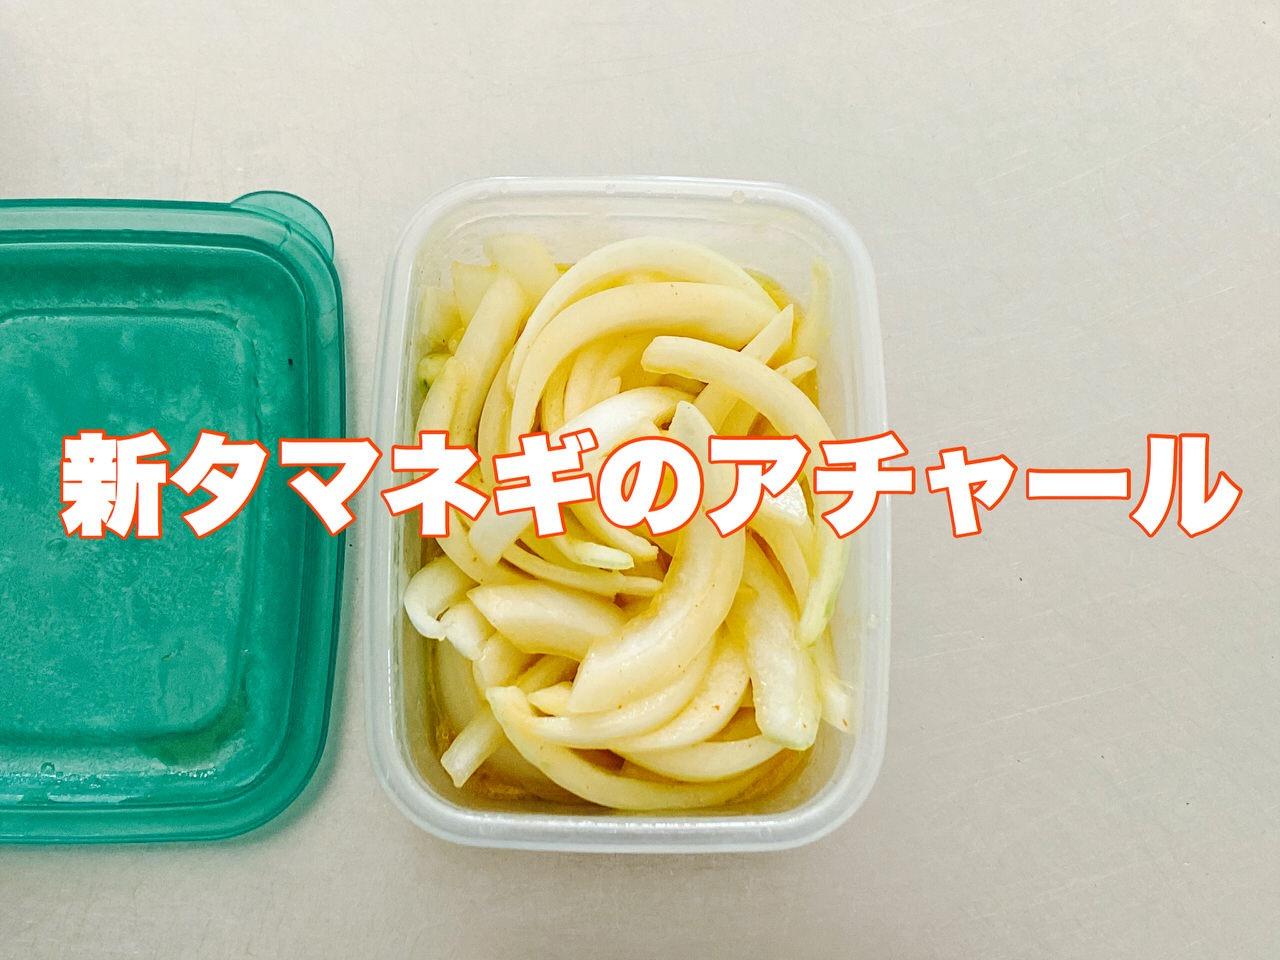 カレーをより美味しく食べるために「玉ねぎのアチャール」作ってみた